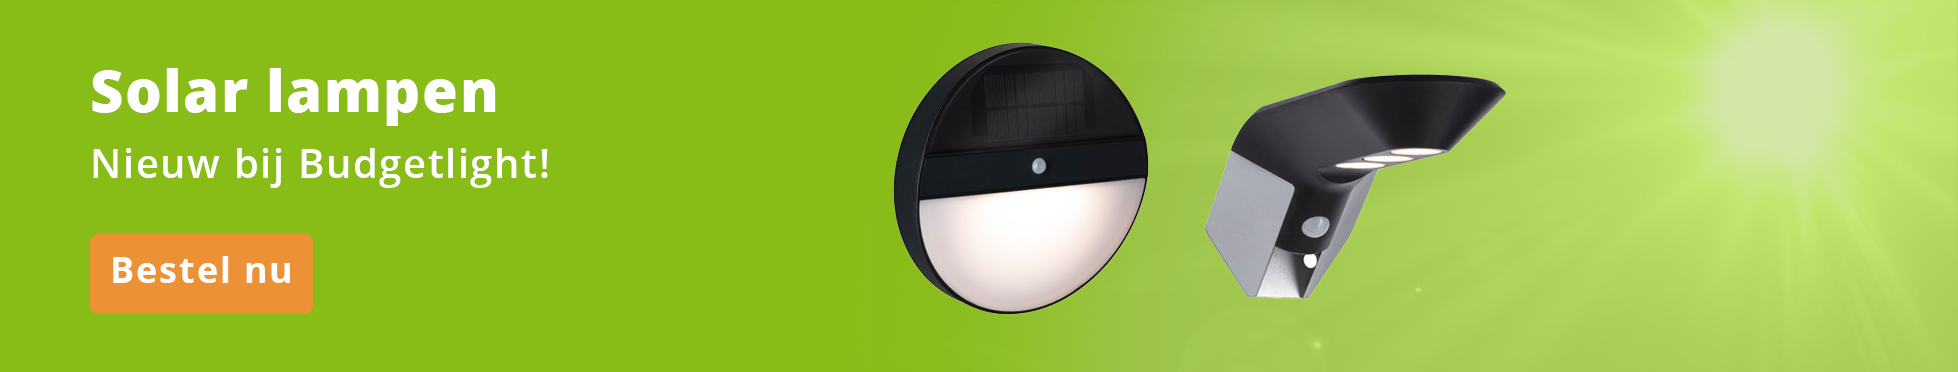 Budgetlight Solar Lampen